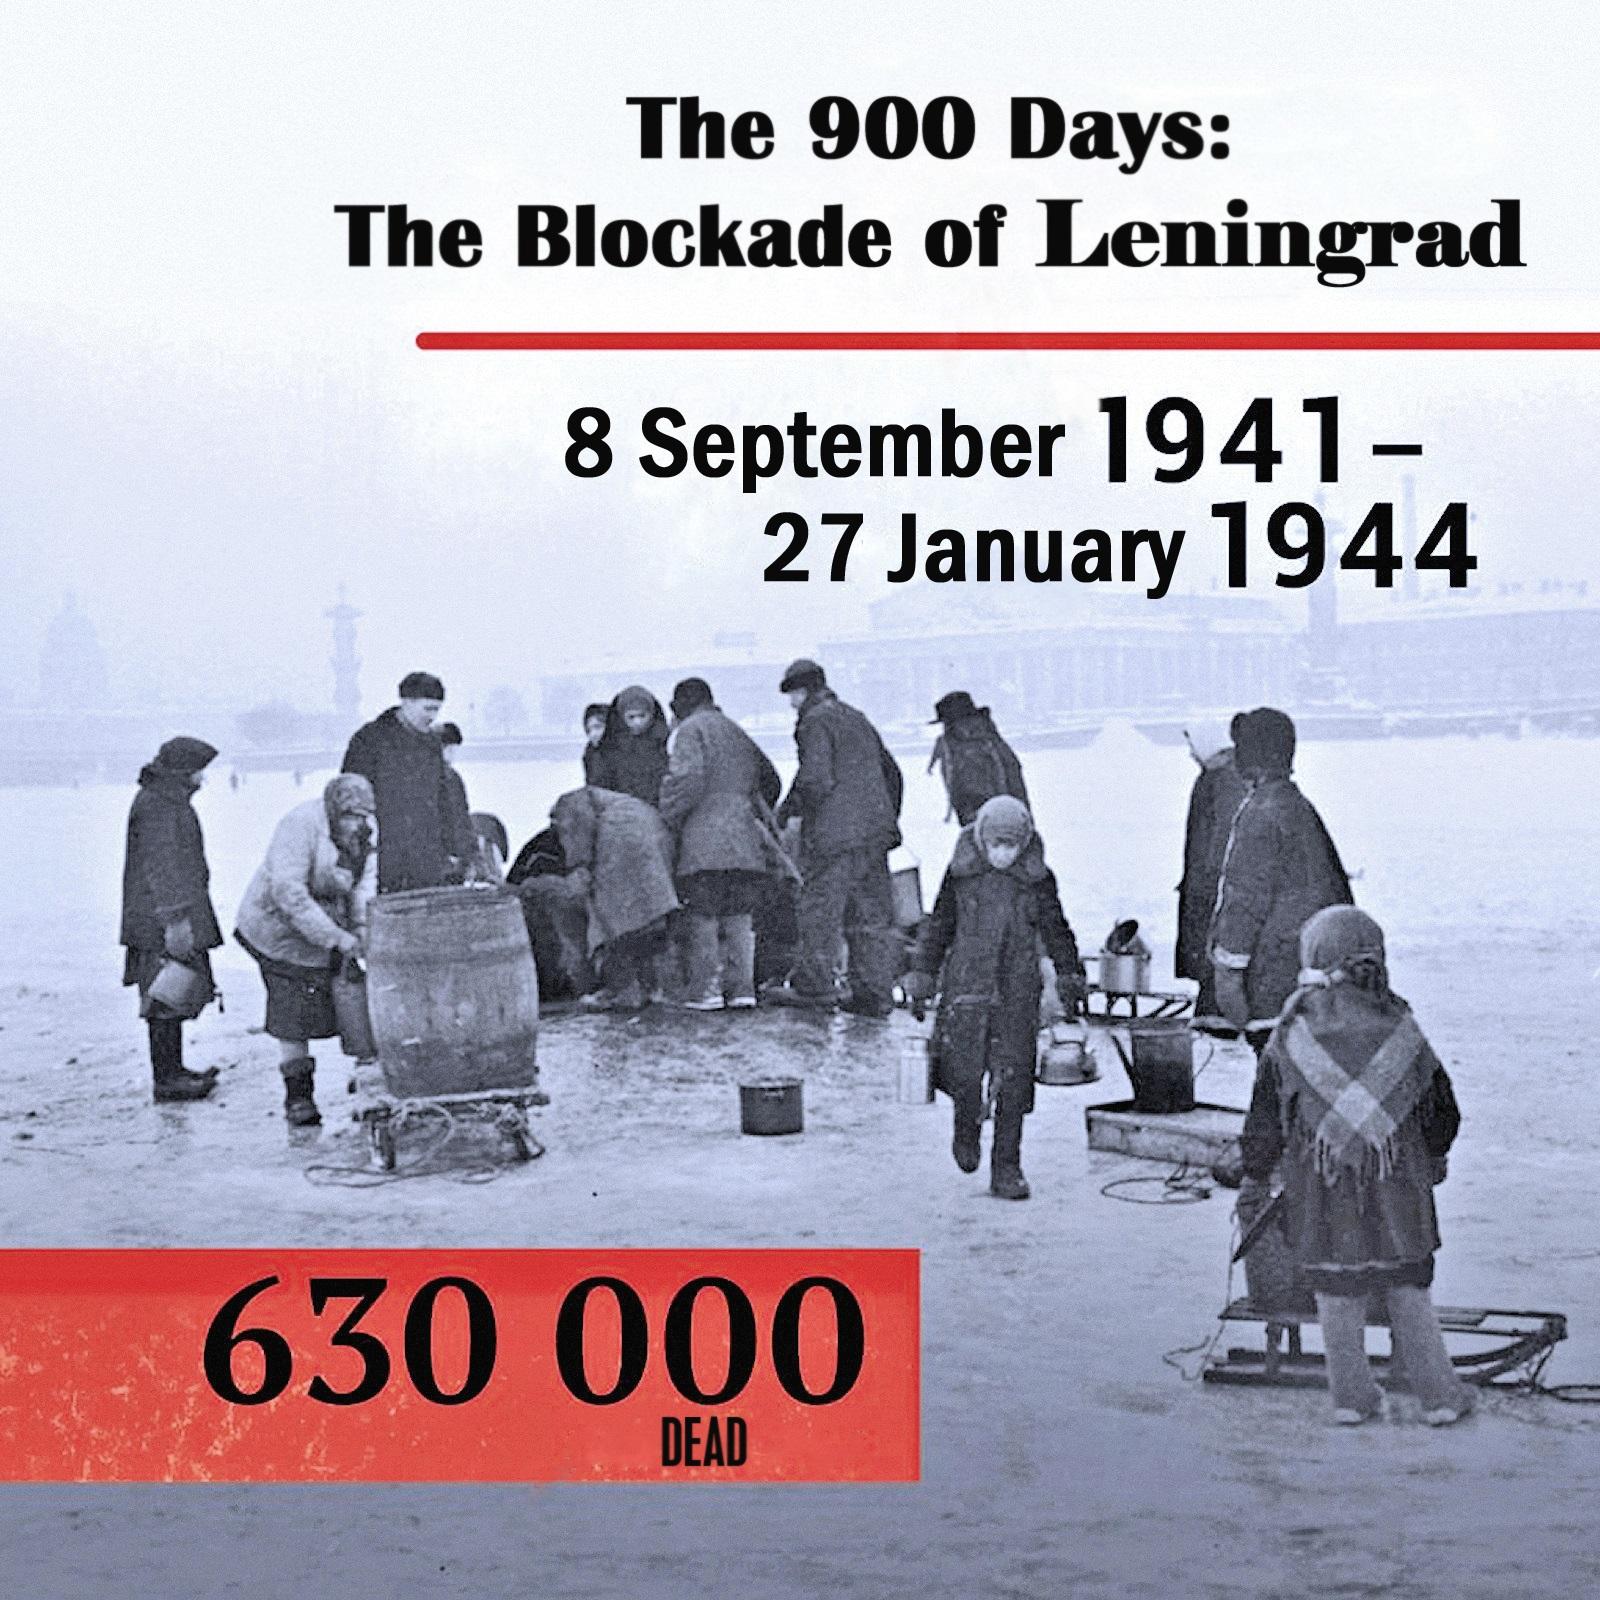 00-russia-ussr-leningrad-blockade